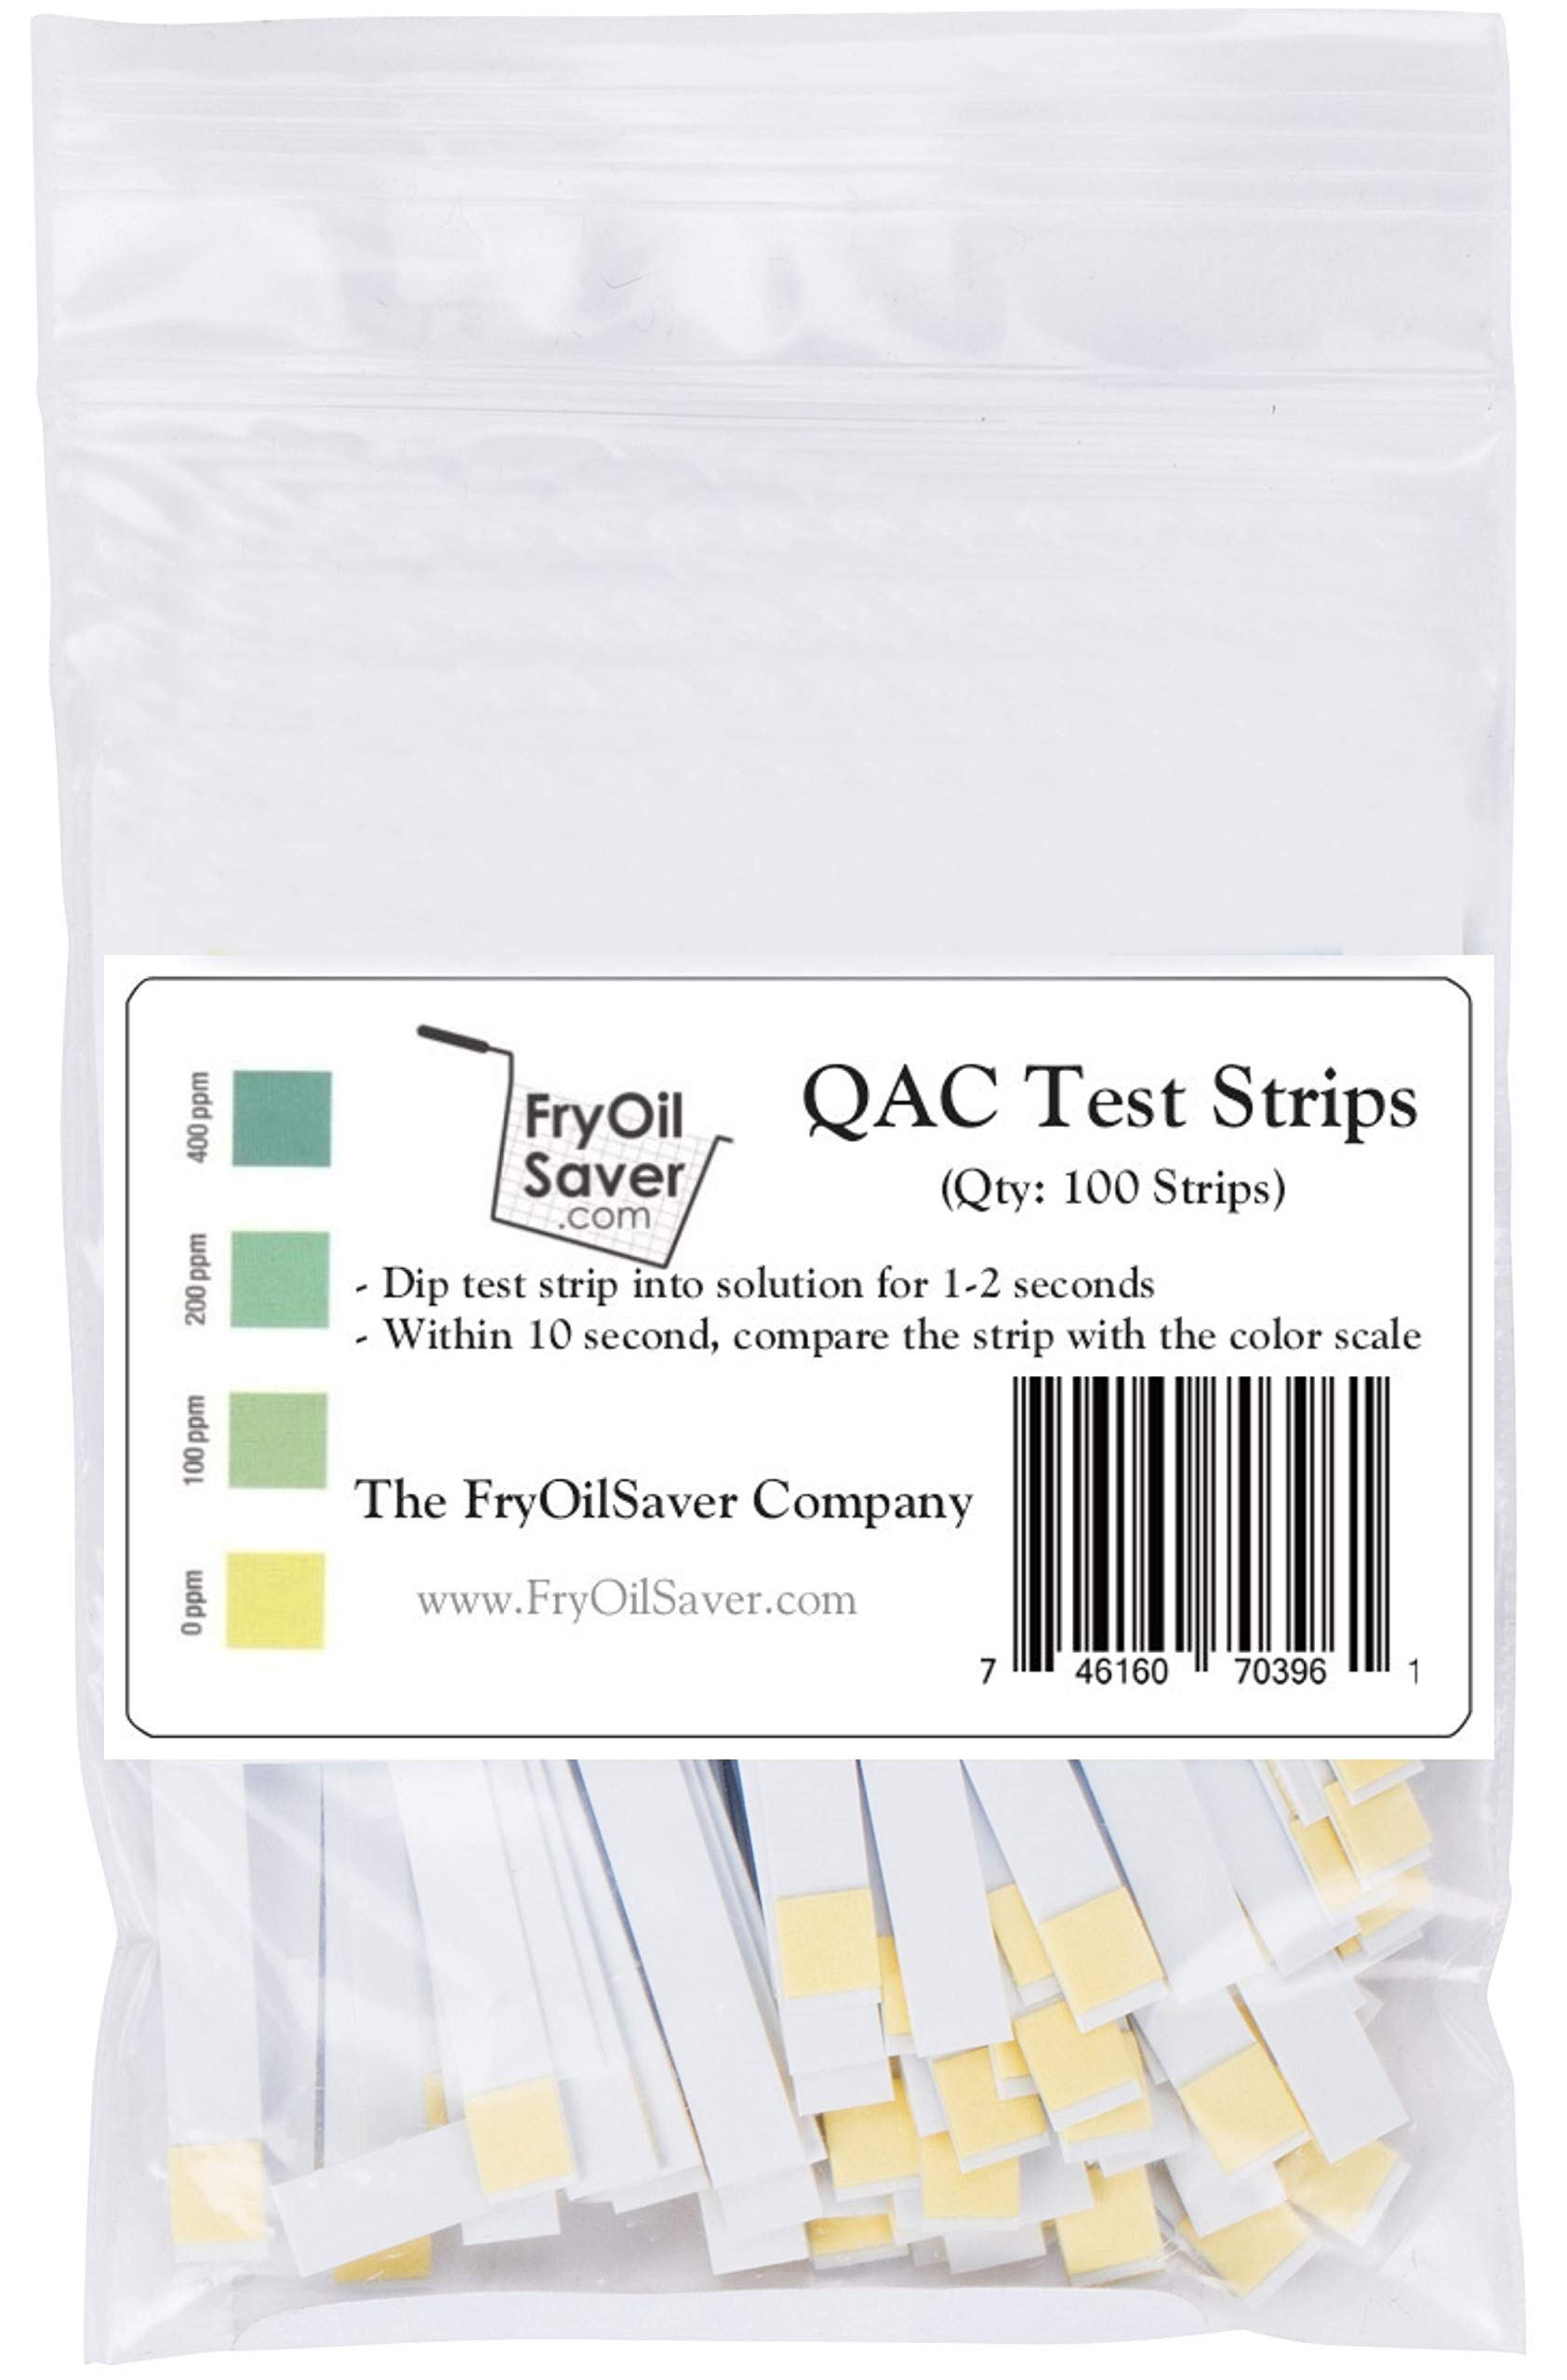 FryOilSaver Co, QAC Test Strips, Restaurant Quaternary Ammonium Sanitizer Test Strips, 0-400 ppm, Multi Quat Strips for Food Service, Quaternary Ammonia Sanitizer Strips, FMP 142-1363, Pack of 100